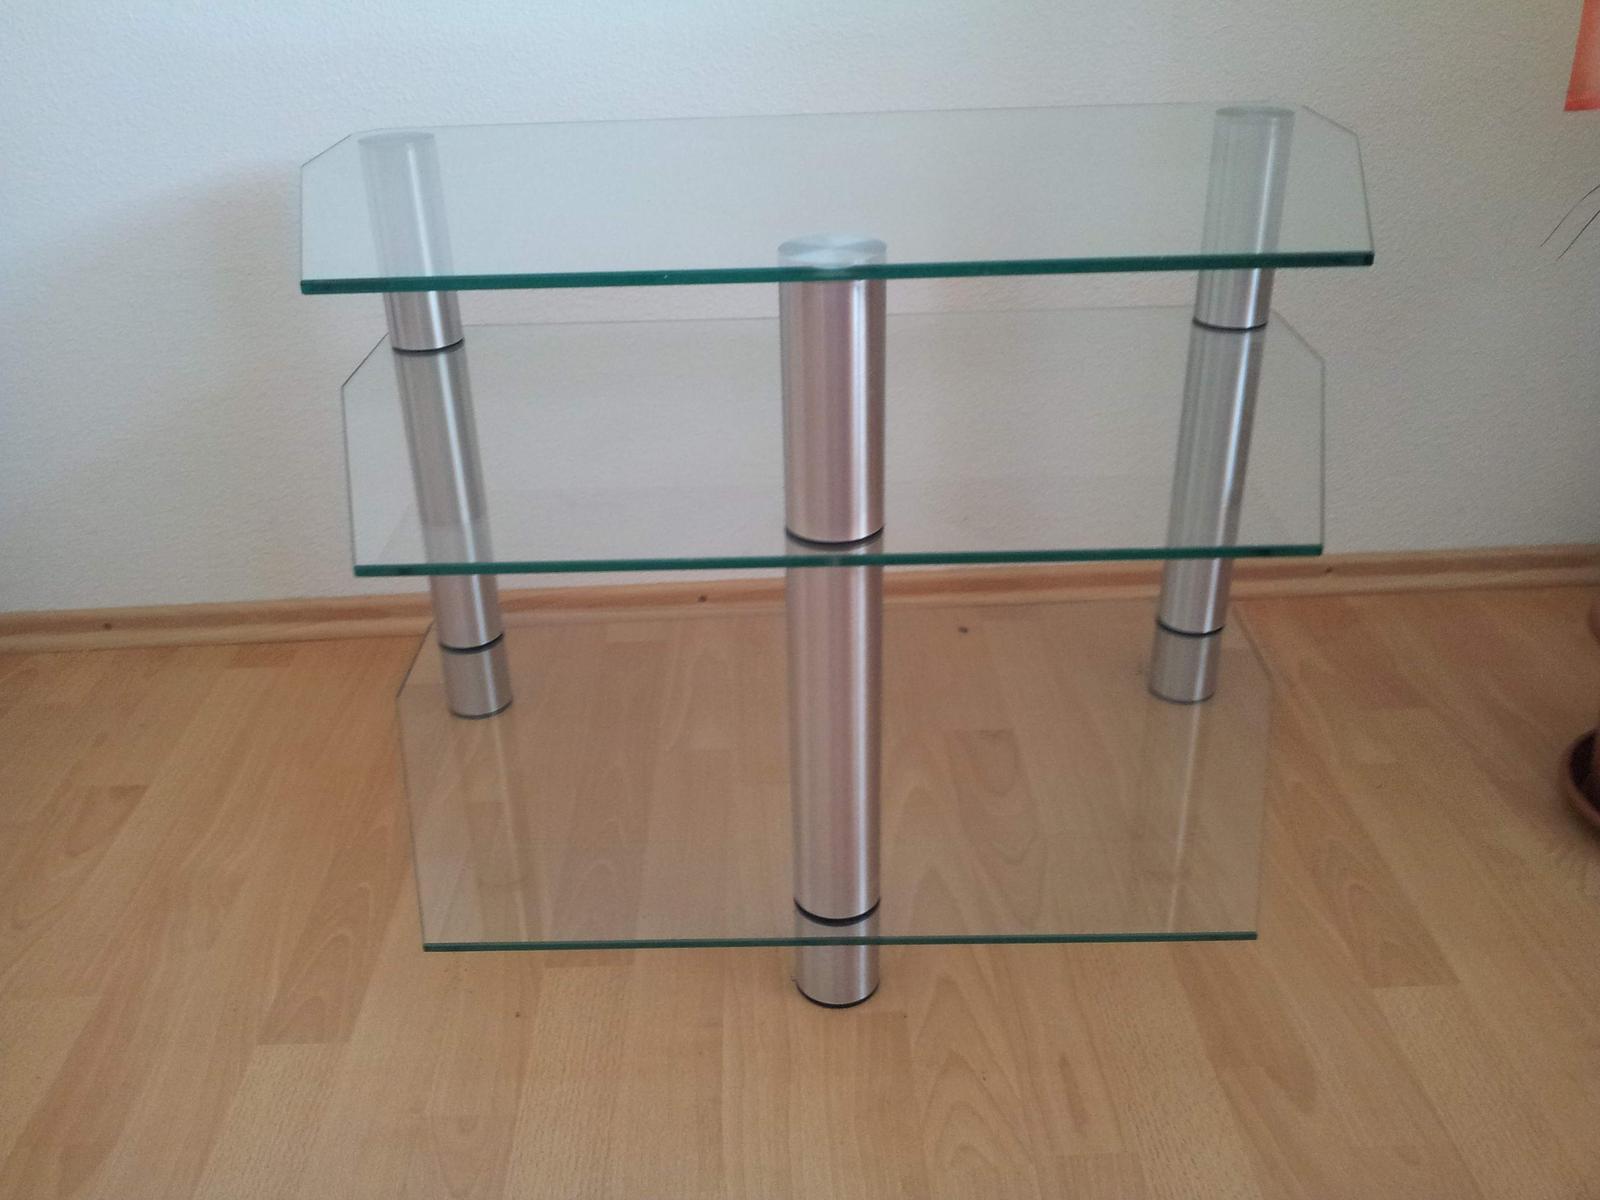 sklenený stolík pod TV - Obrázok č. 3